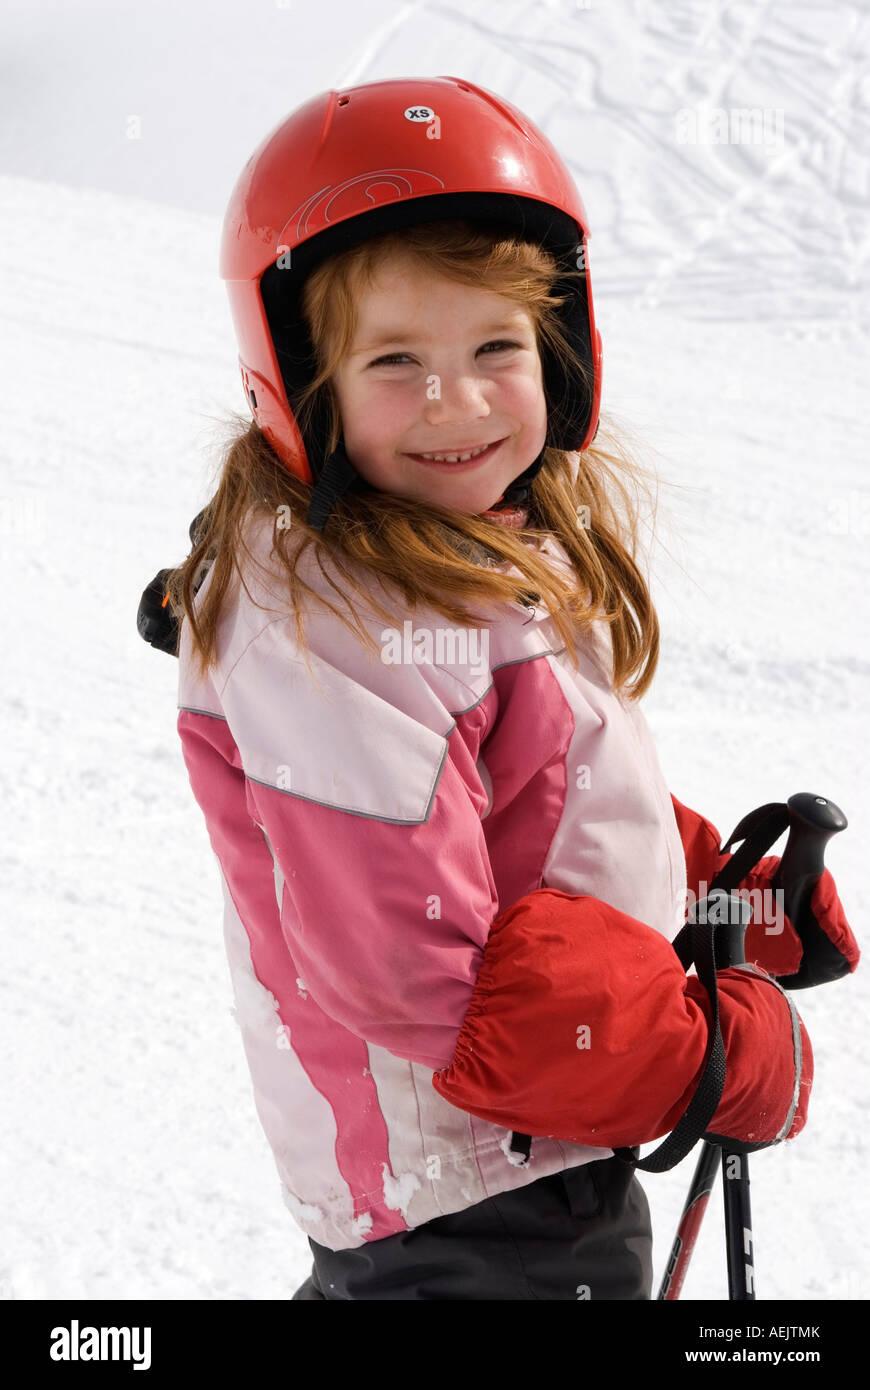 Girl is skiing - Stock Image